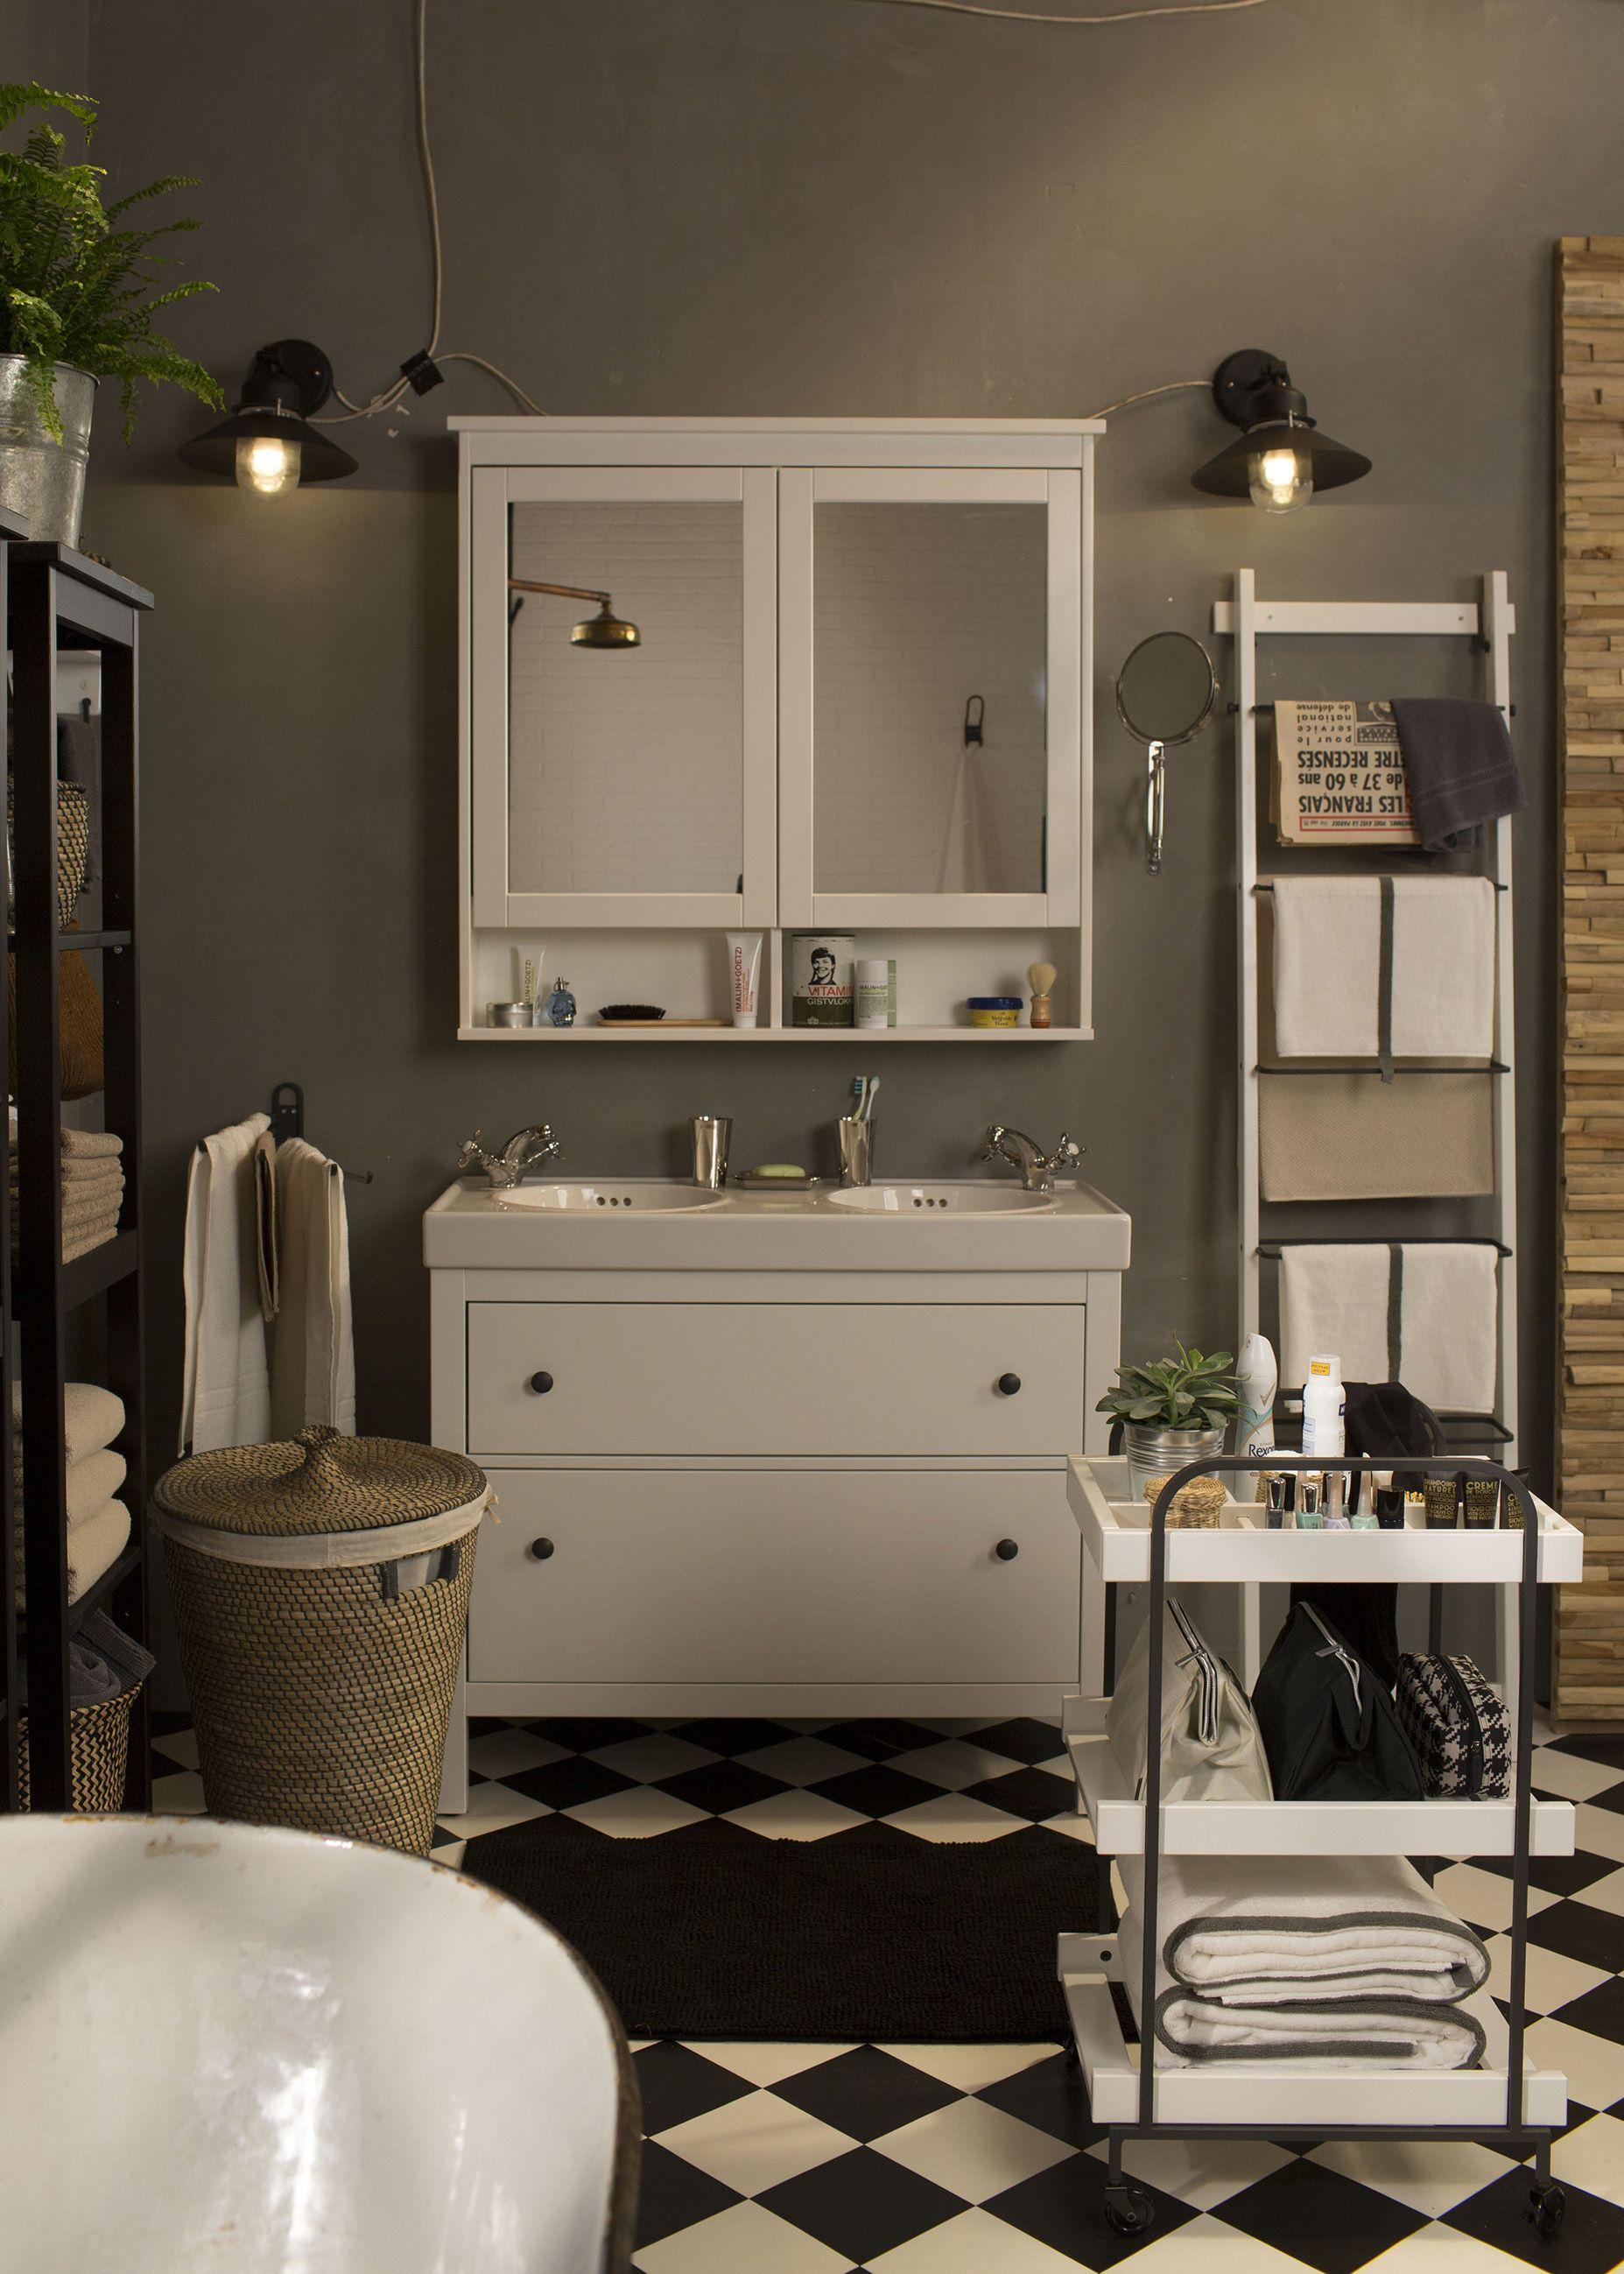 Geef je badkamer een industri le look de handige hemnes badkamerkast heeft zowel aan de buiten - Nordic badkamer ...